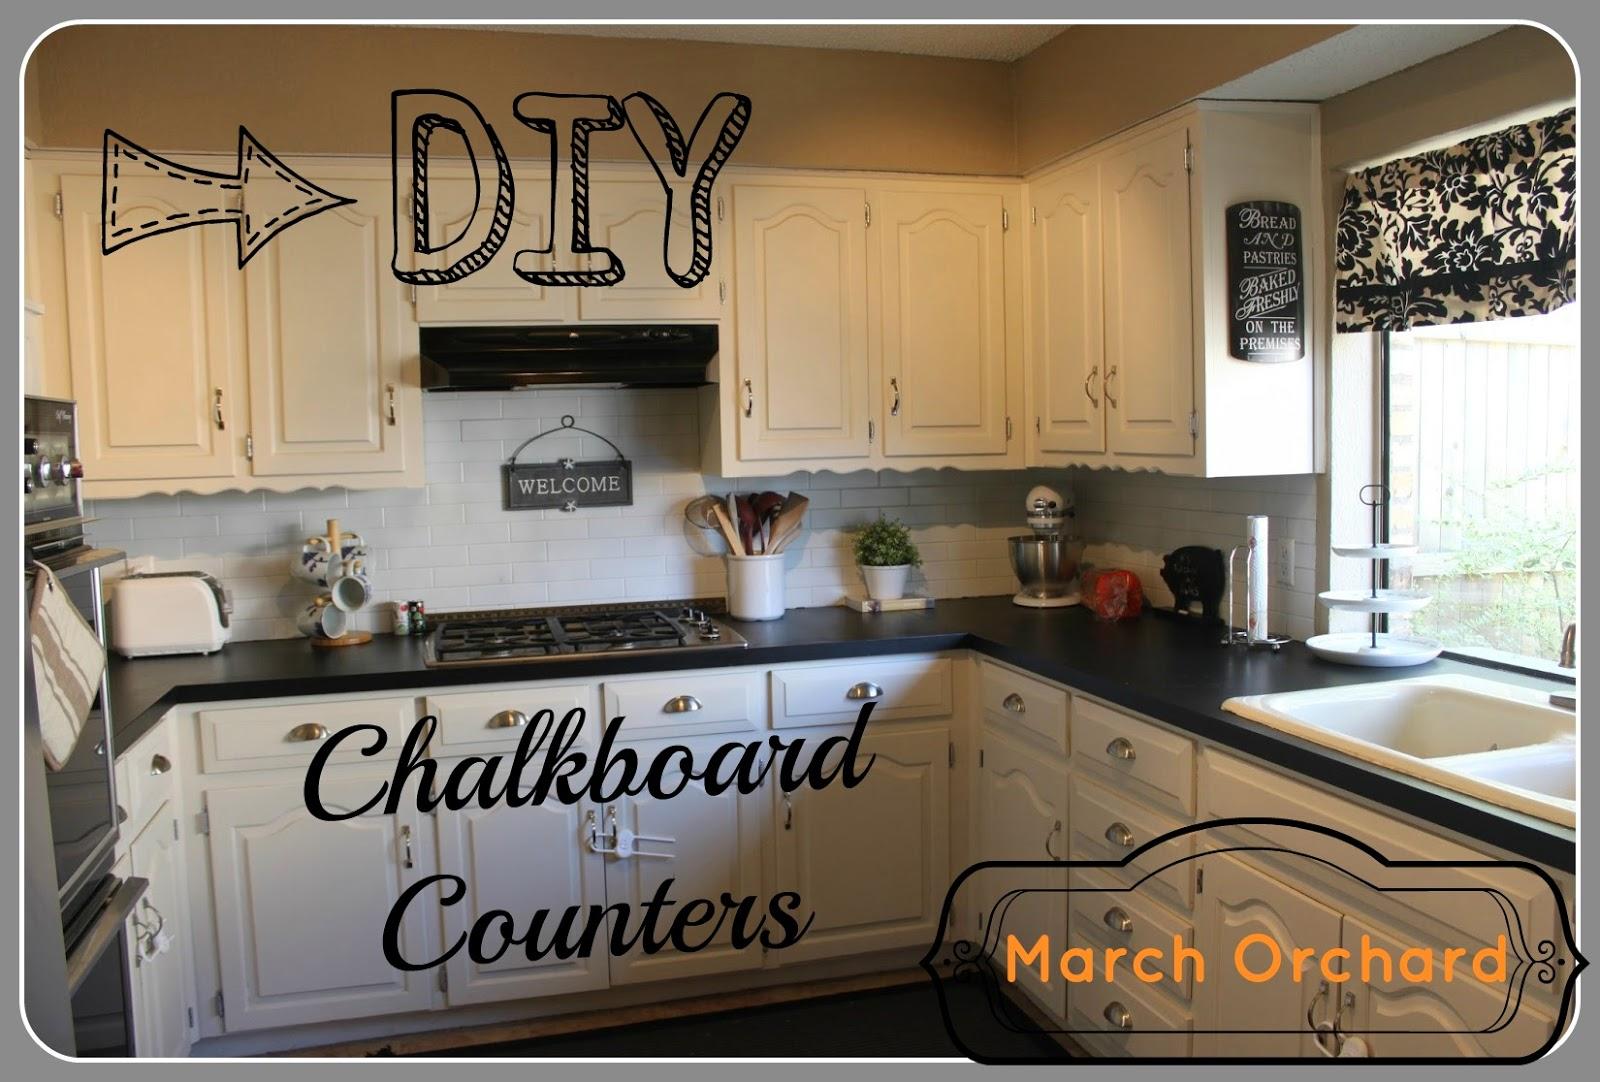 Chalkboard Countertops